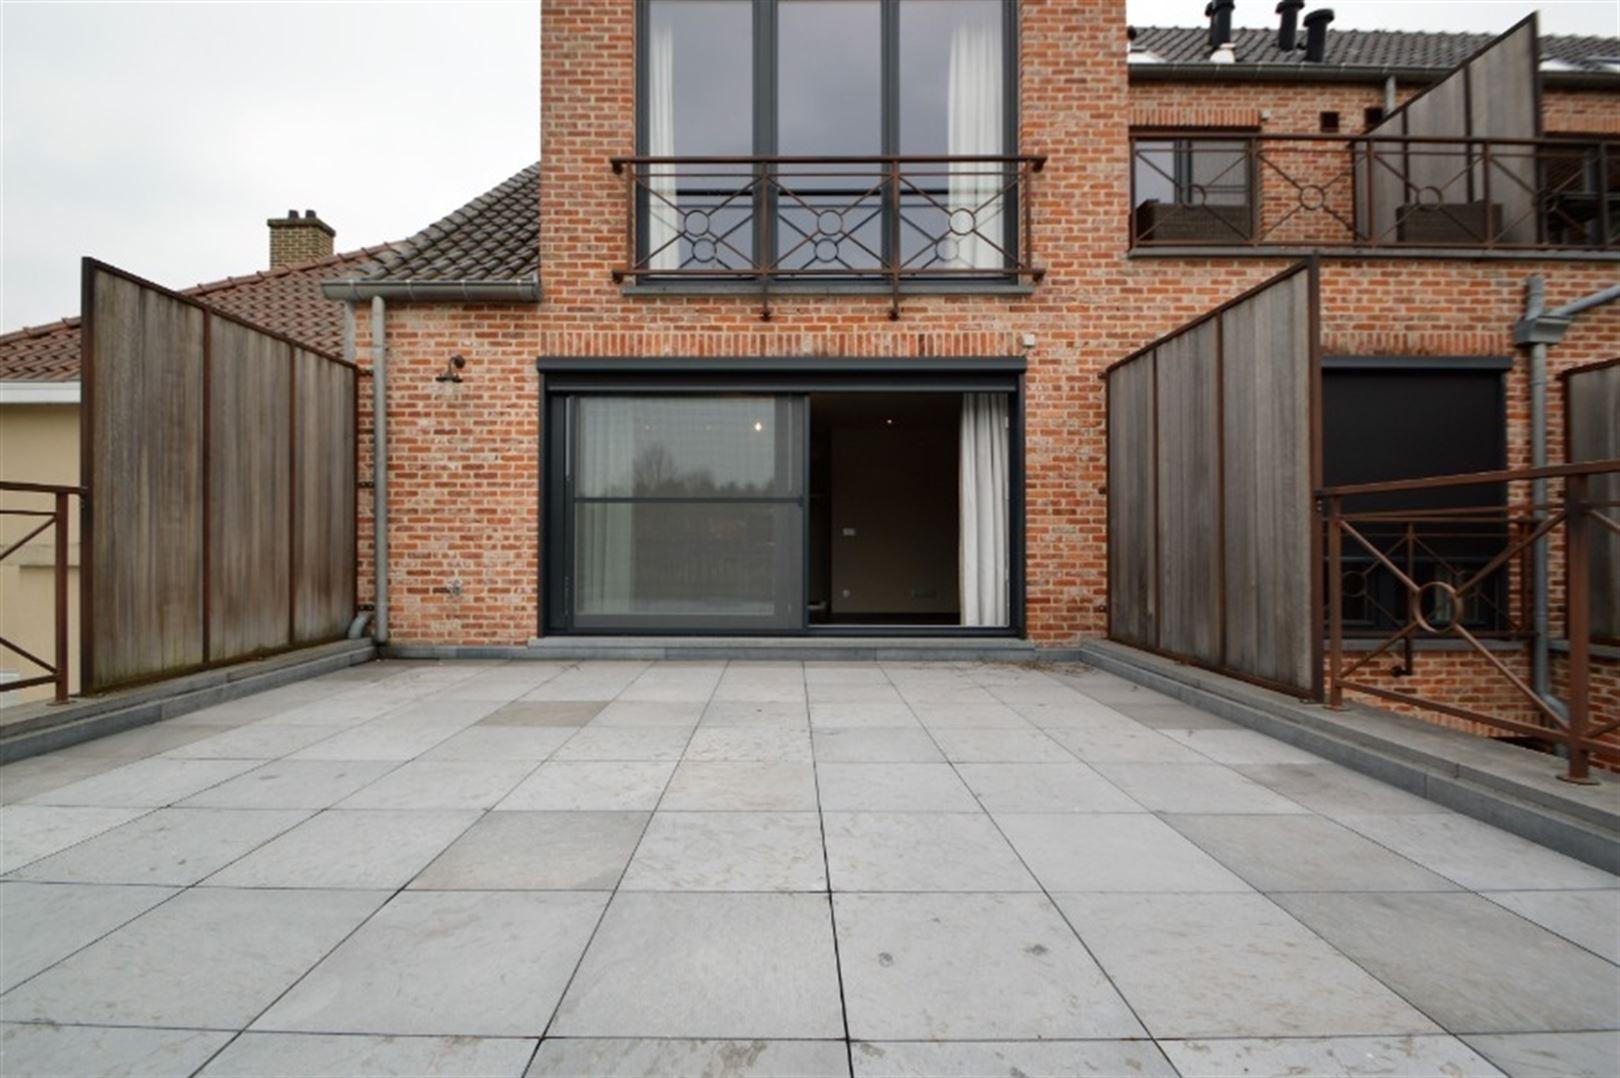 Foto 8 : Appartement te 9240 Zele (België) - Prijs € 725